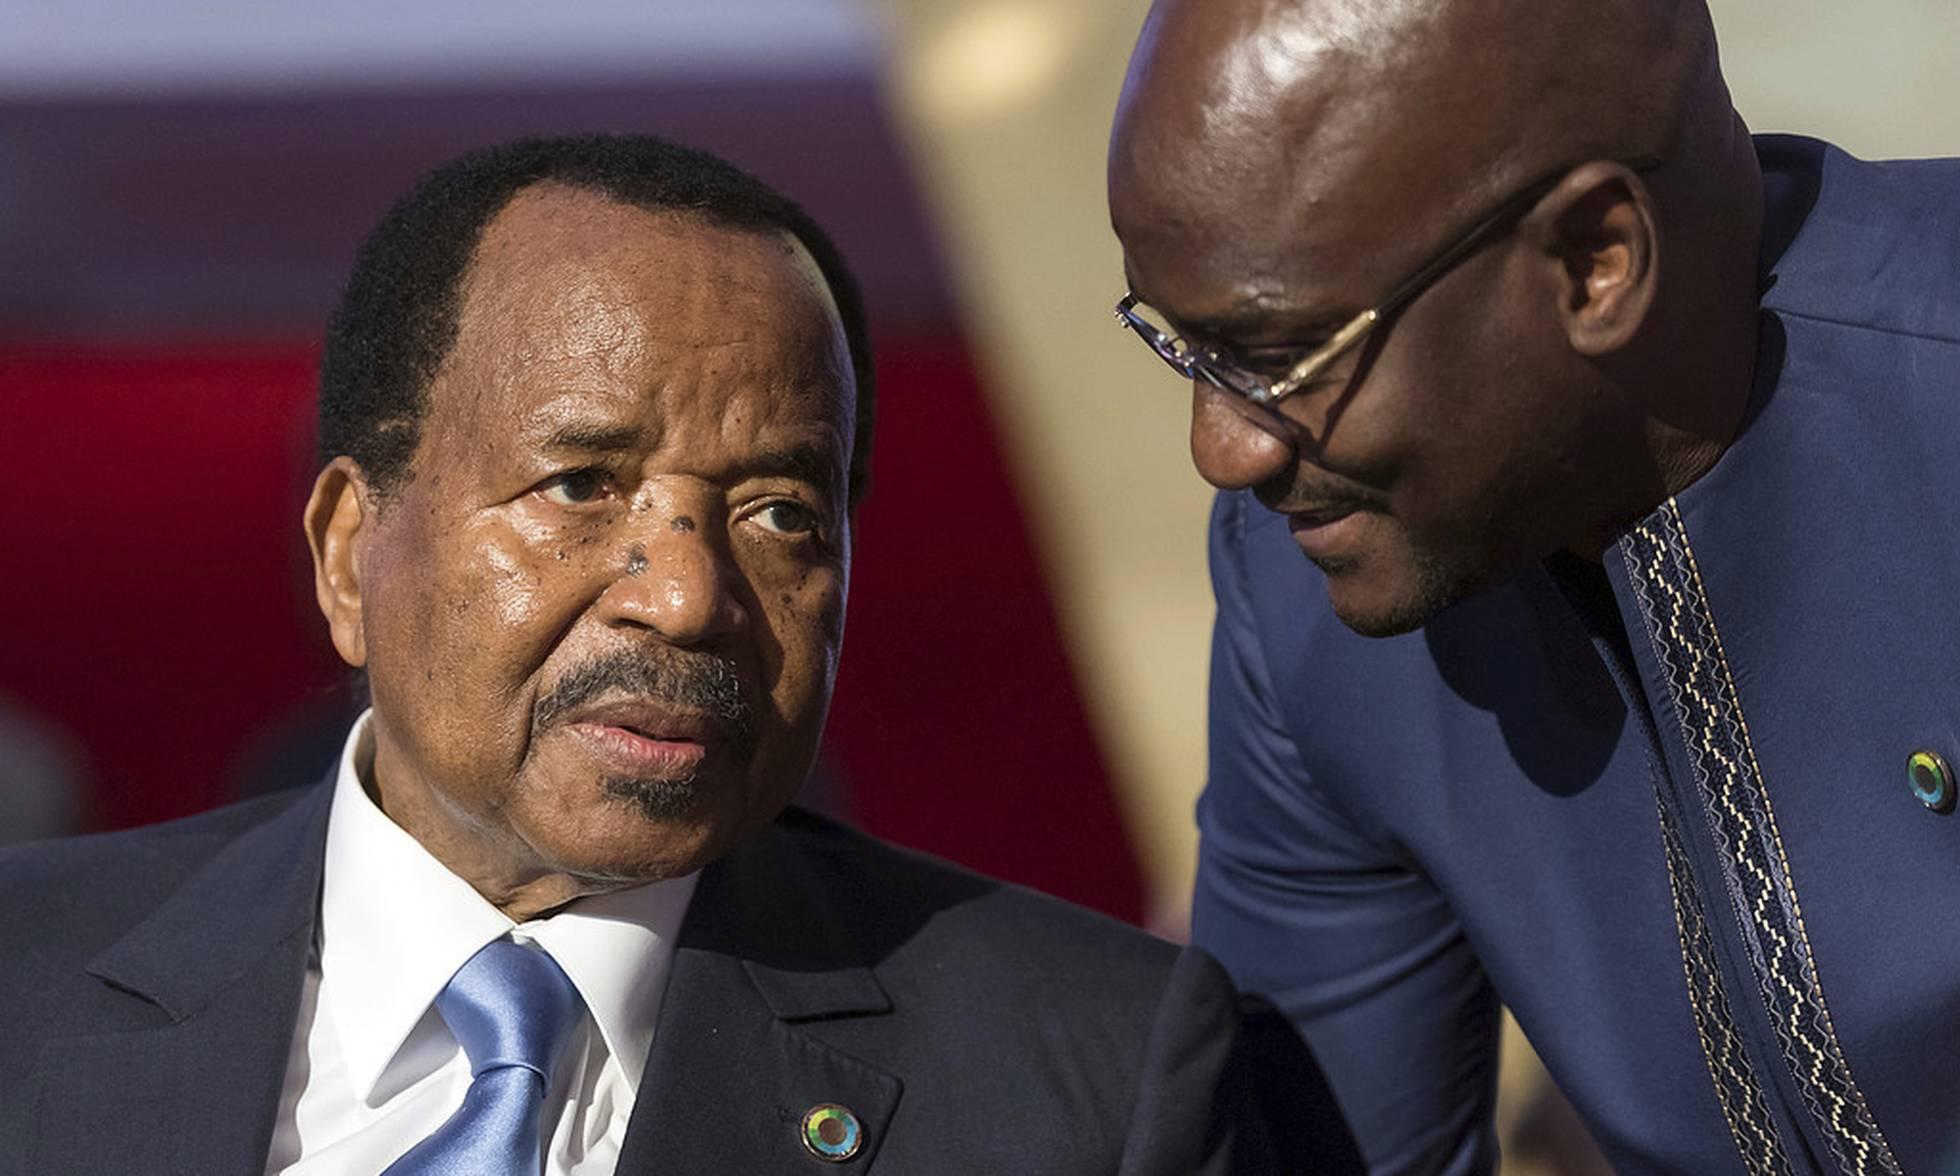 Au Cameroun de Paul Biya, la répression numérique s'accentue et inquiète